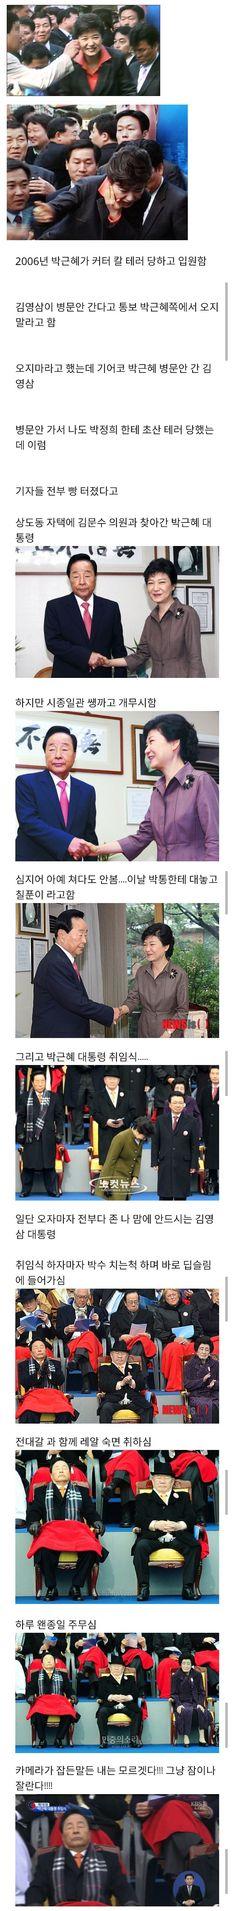 바꾼애 전용 김영삼